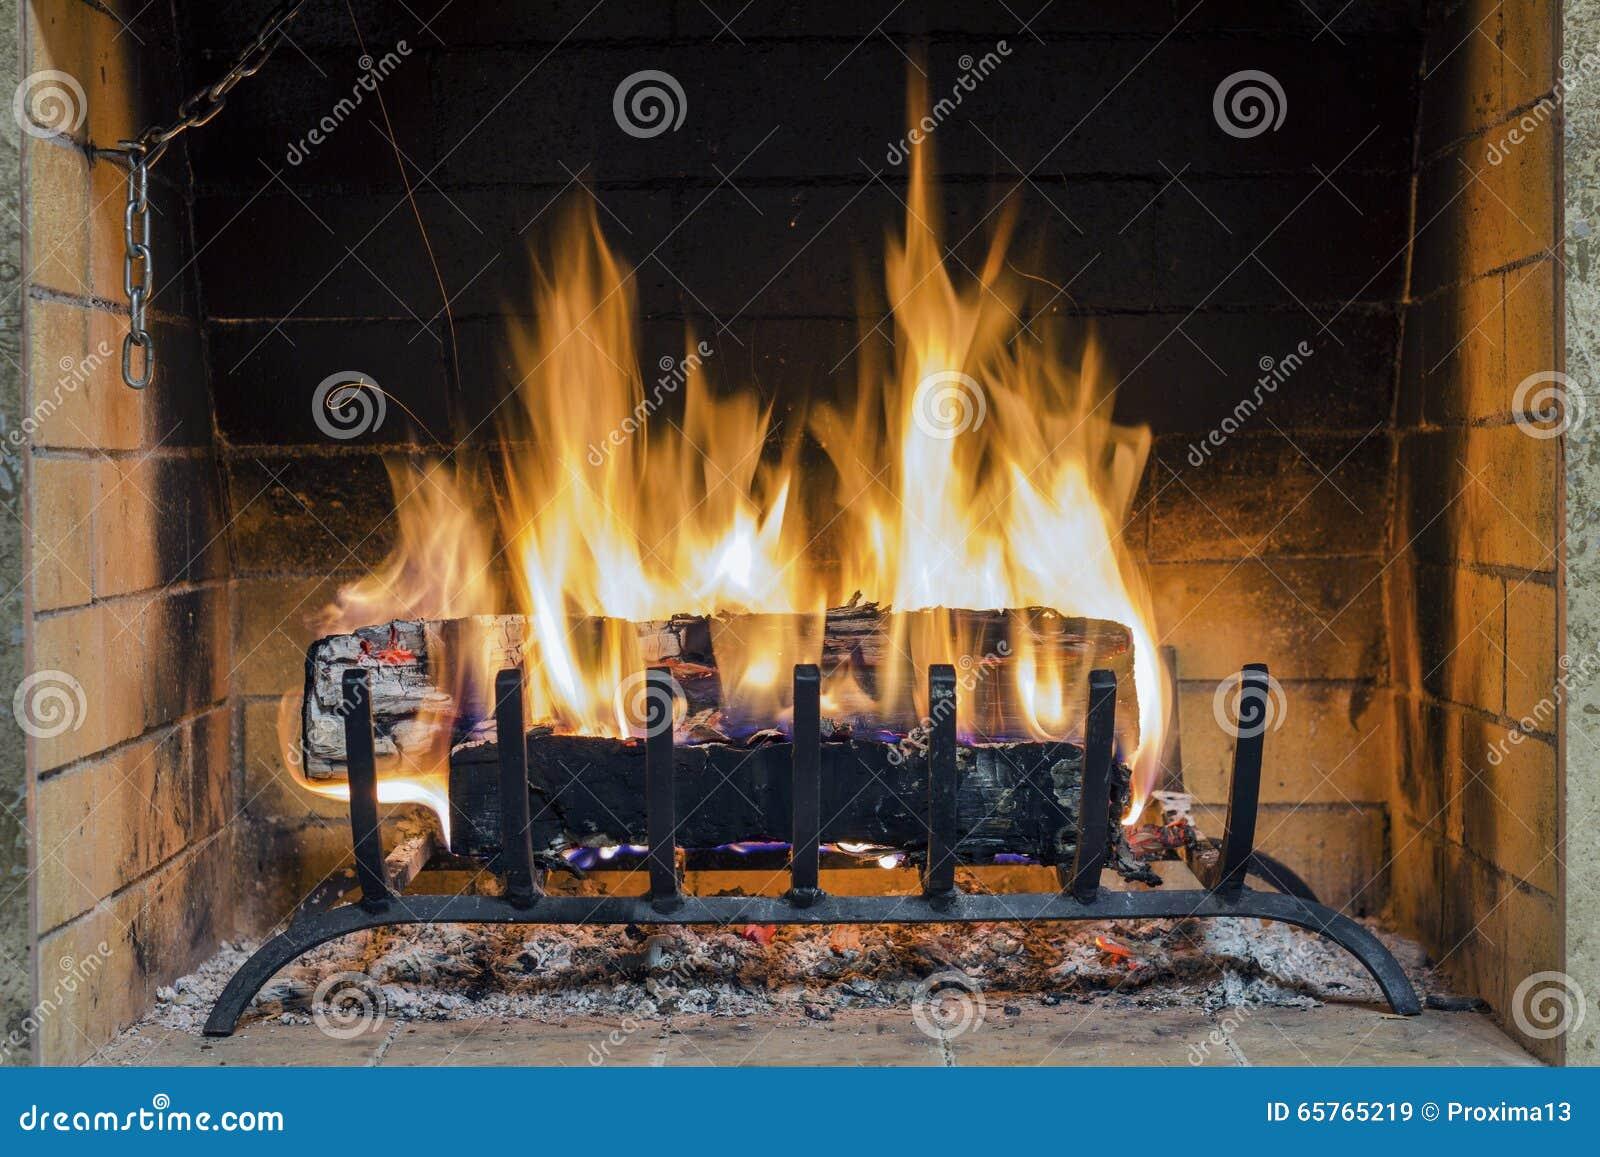 Le feu en chemin e plan rapproch de bois de chauffage br lant en feu photo s - Les plus belles cheminees ...